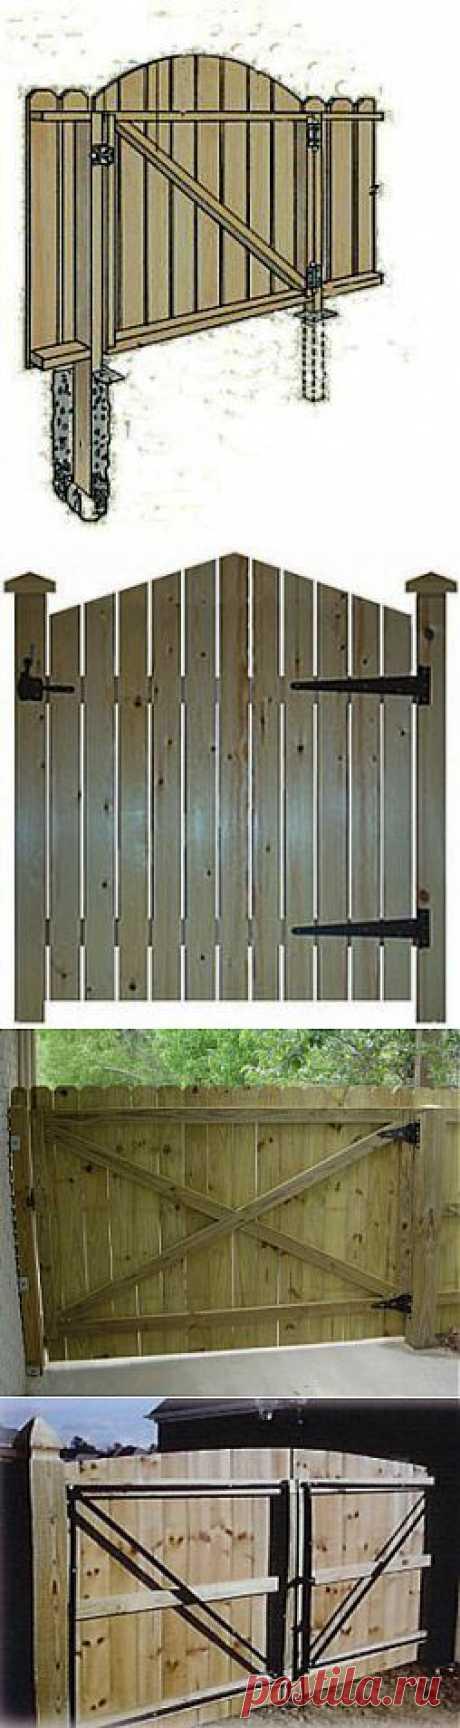 Как сделать деревянные ворота своими руками | Из дерева своими руками:поделки, мебель, мастер-классы